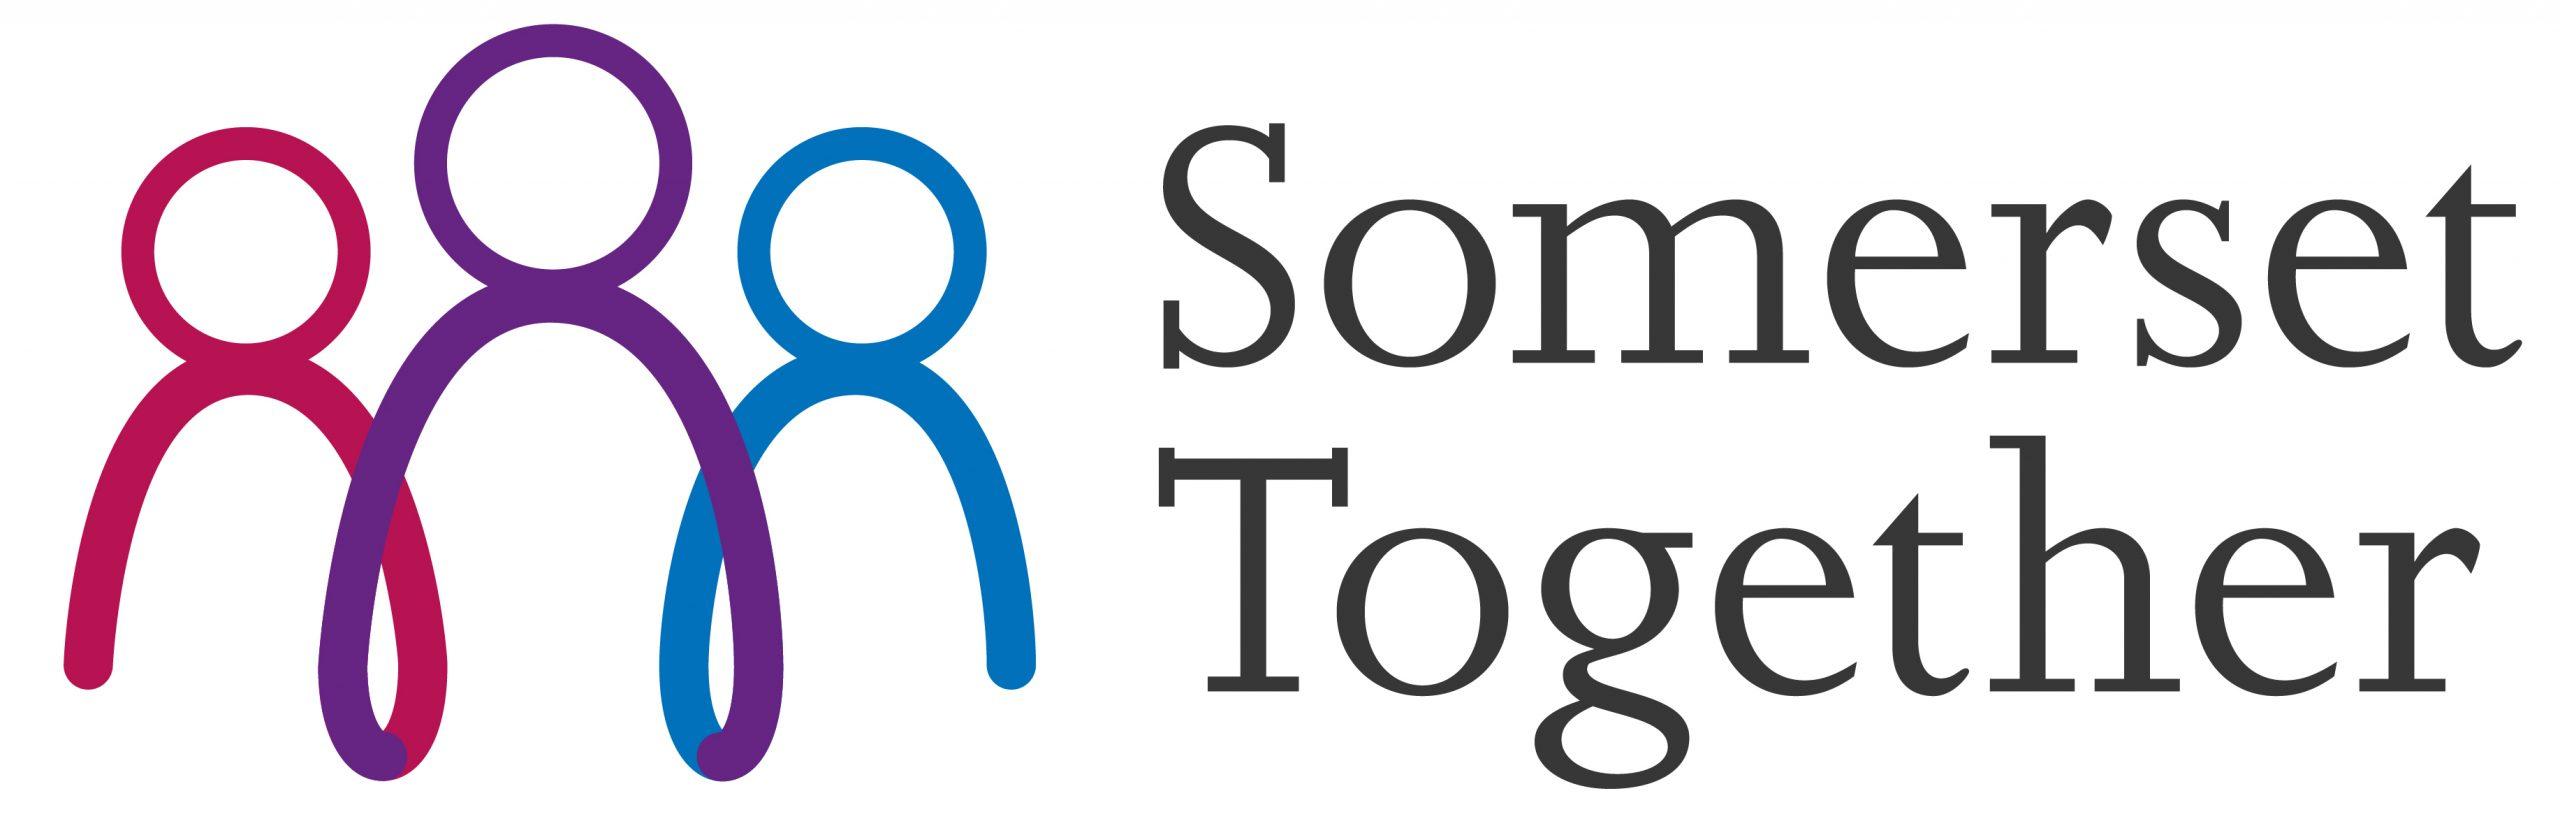 NHS Somerset Together logo